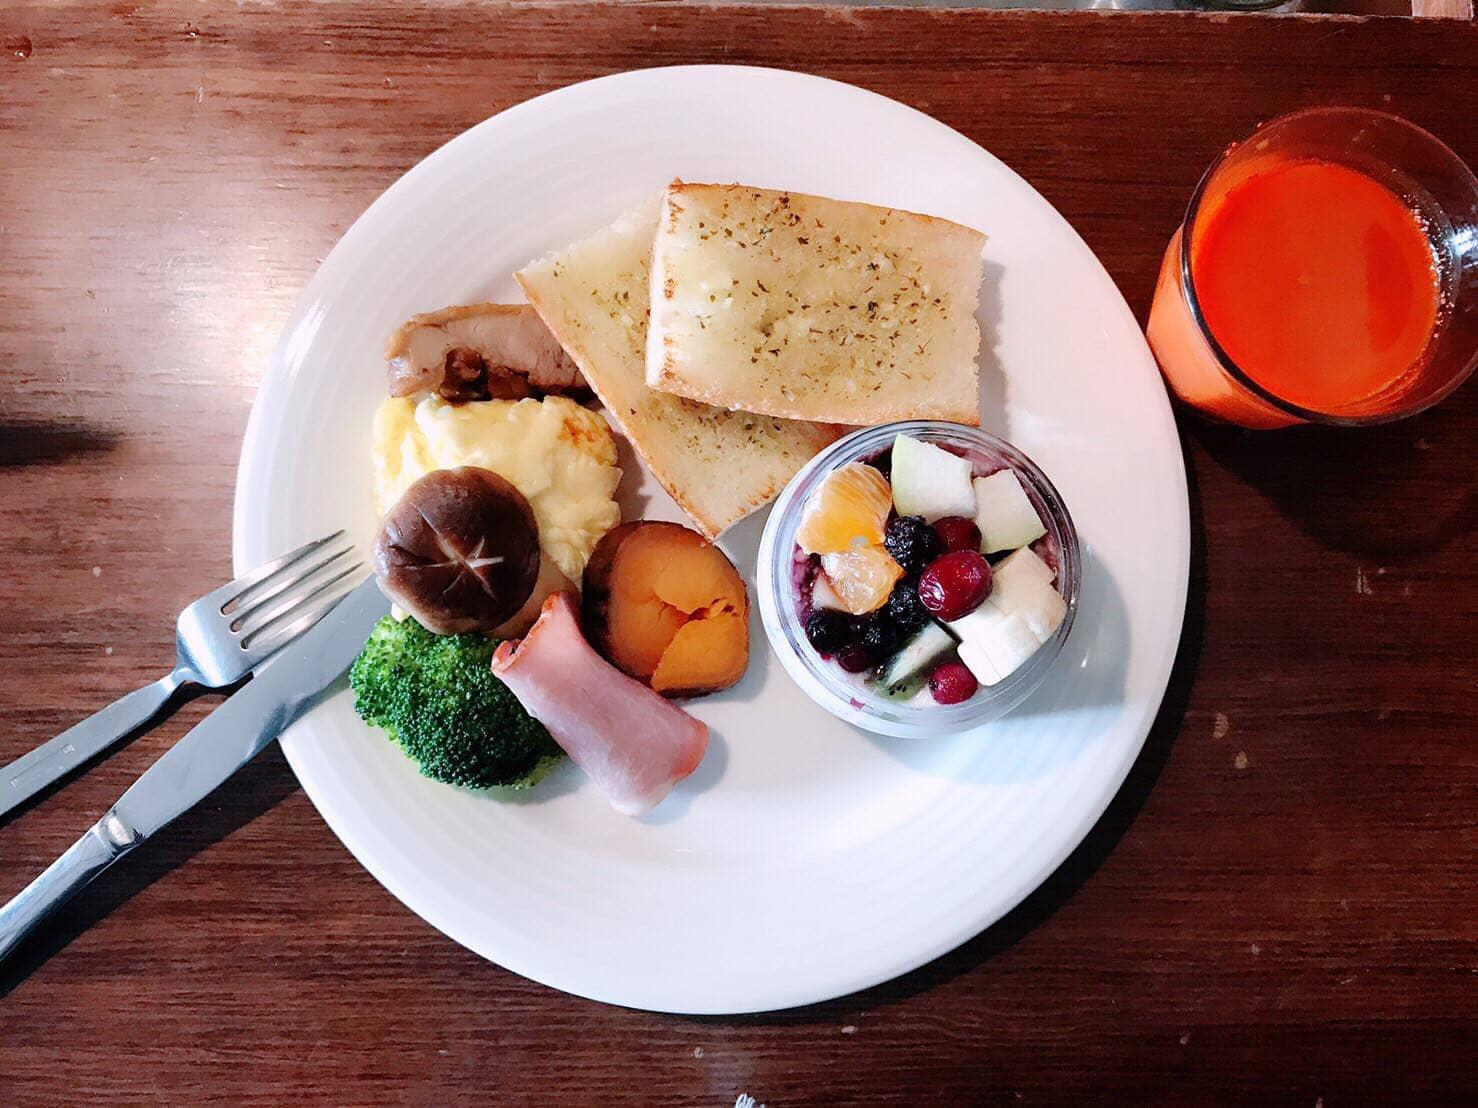 món ngon tại 4 thị trấn nổi tiếng đài loan: mì nướng bơ tại izzy cafe